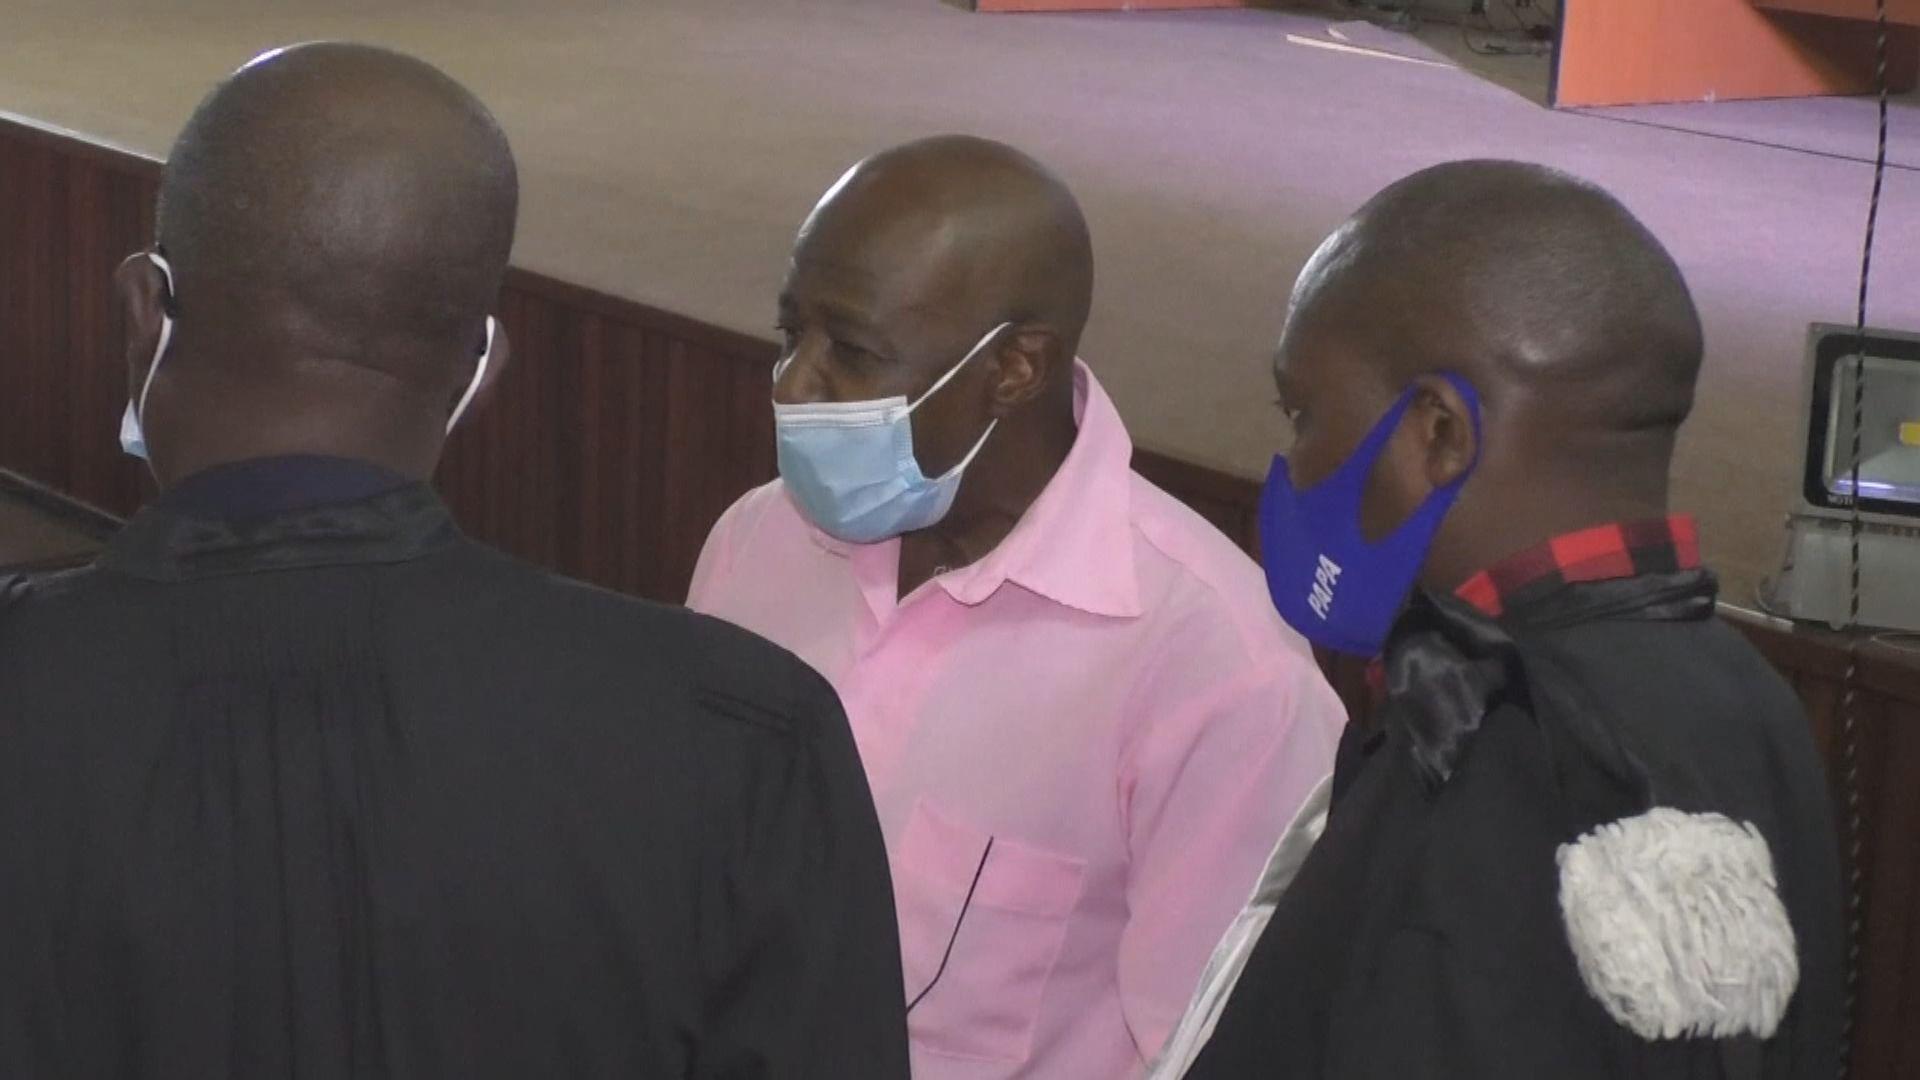 【環球薈報】《 盧旺達飯店》男主角原型被控涉恐怖主義活動遭判監25年